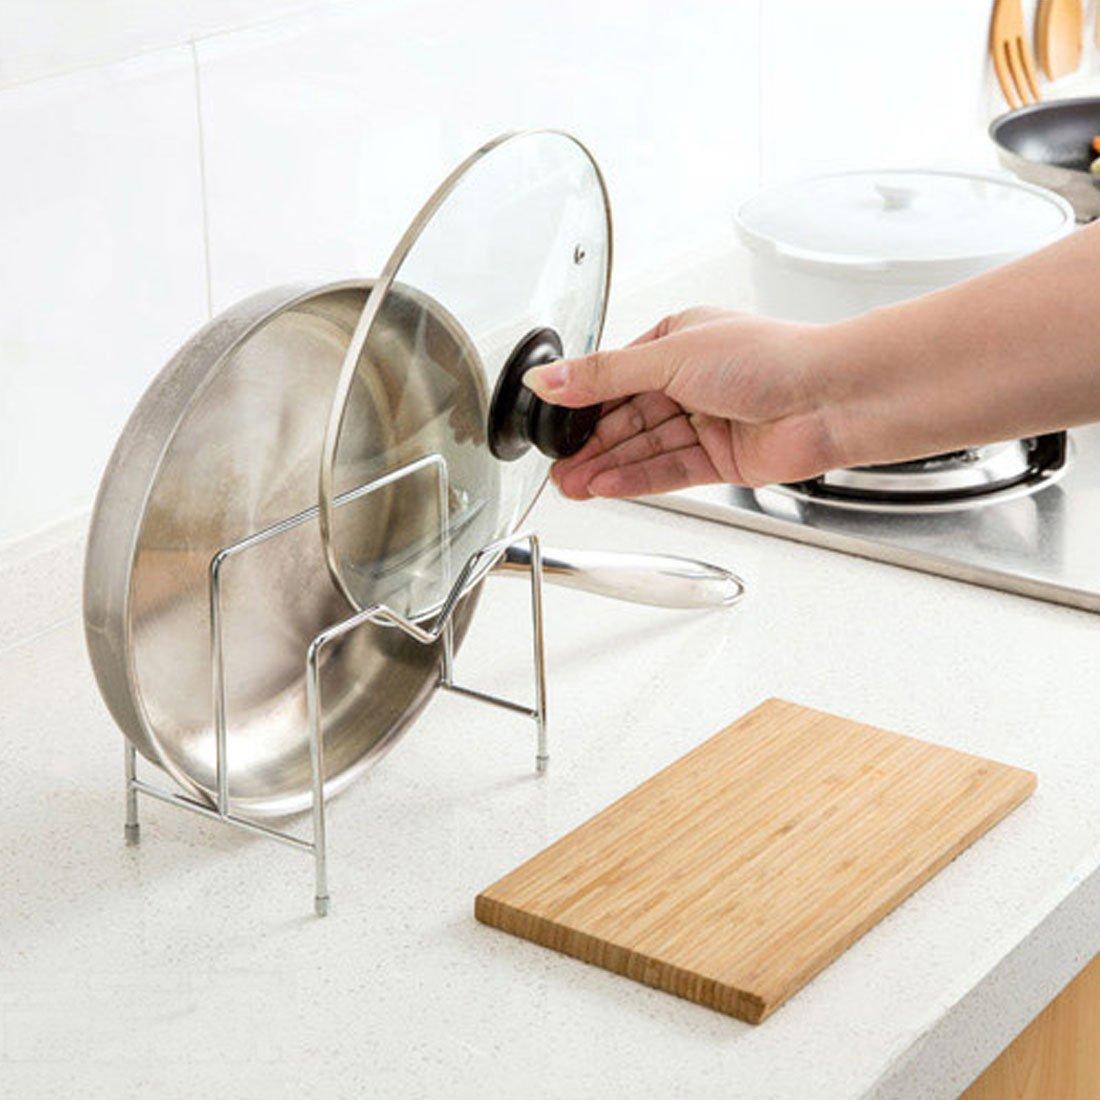 Amazon.com: eDealMax de Metal cubierta de placa de cocina Tabla de cortar de almacenamiento del Marco del estante del sostenedor del organizador del tono de ...